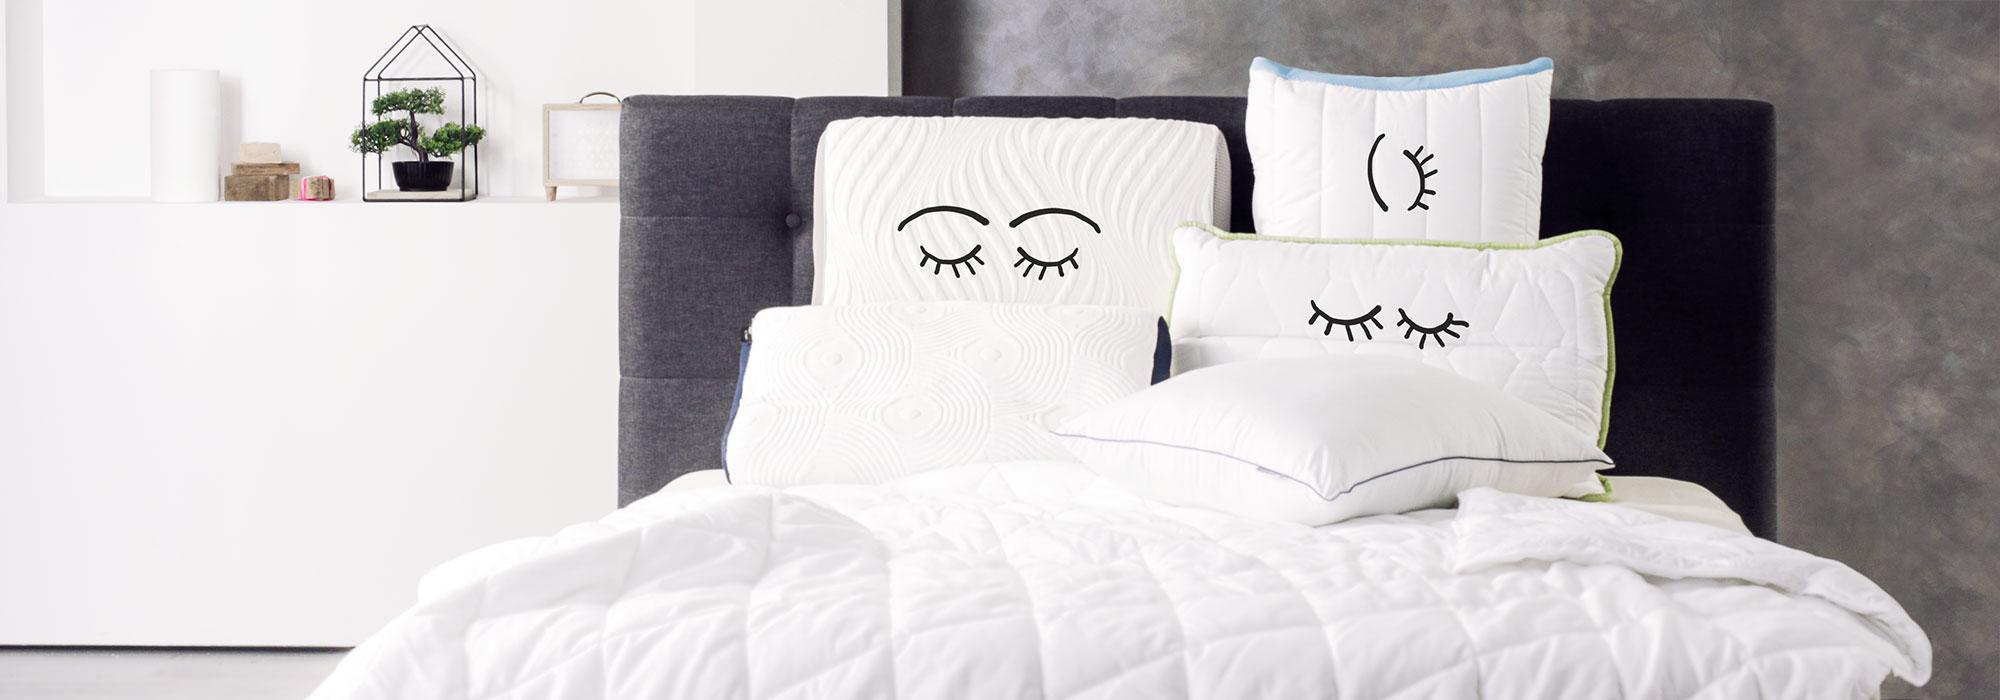 Savršen jastuk za velike snove!